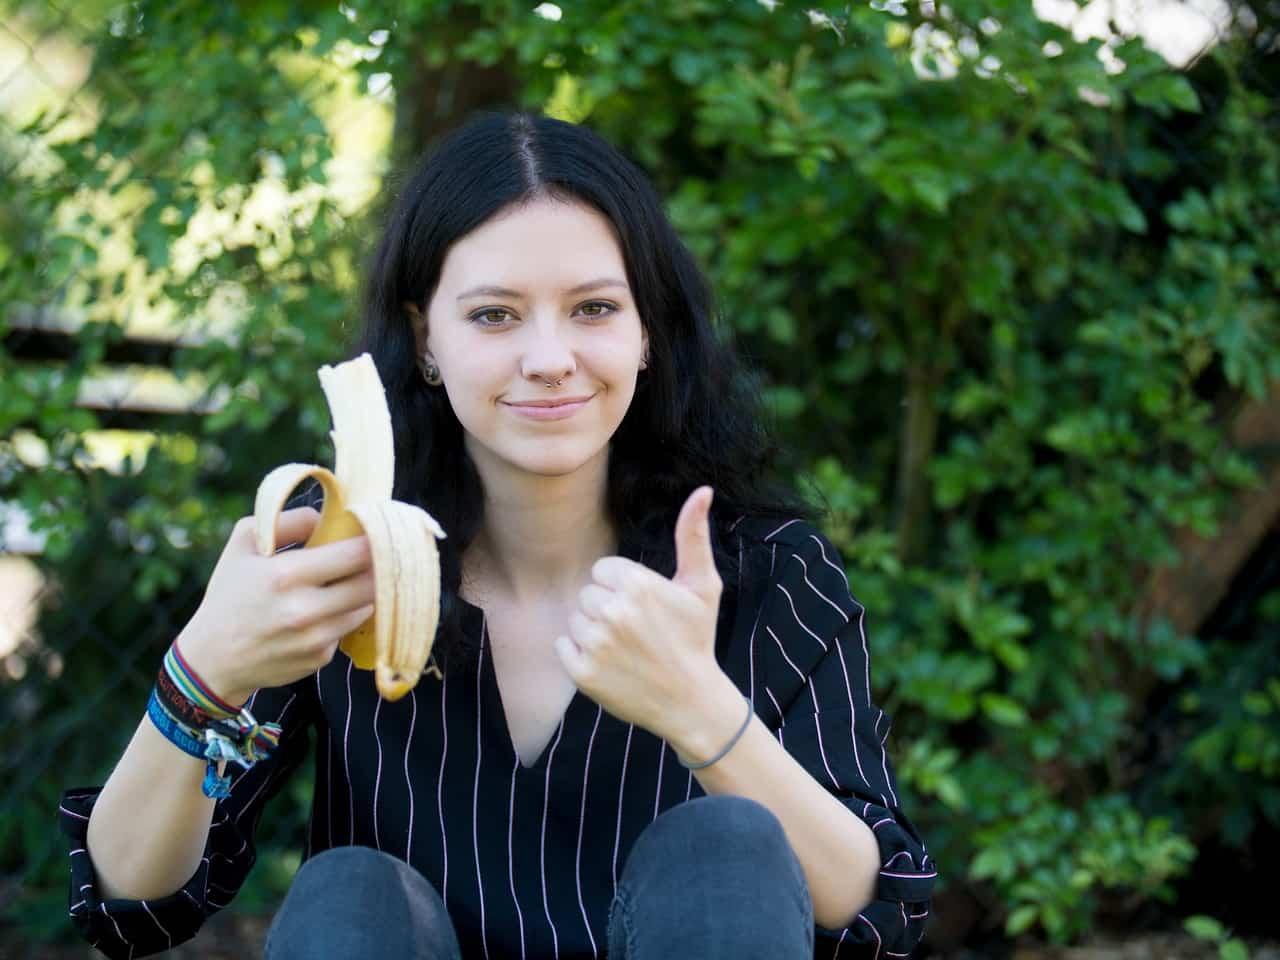 Le banane fanno ingrassare? Calorie e consigli su come mangiarle